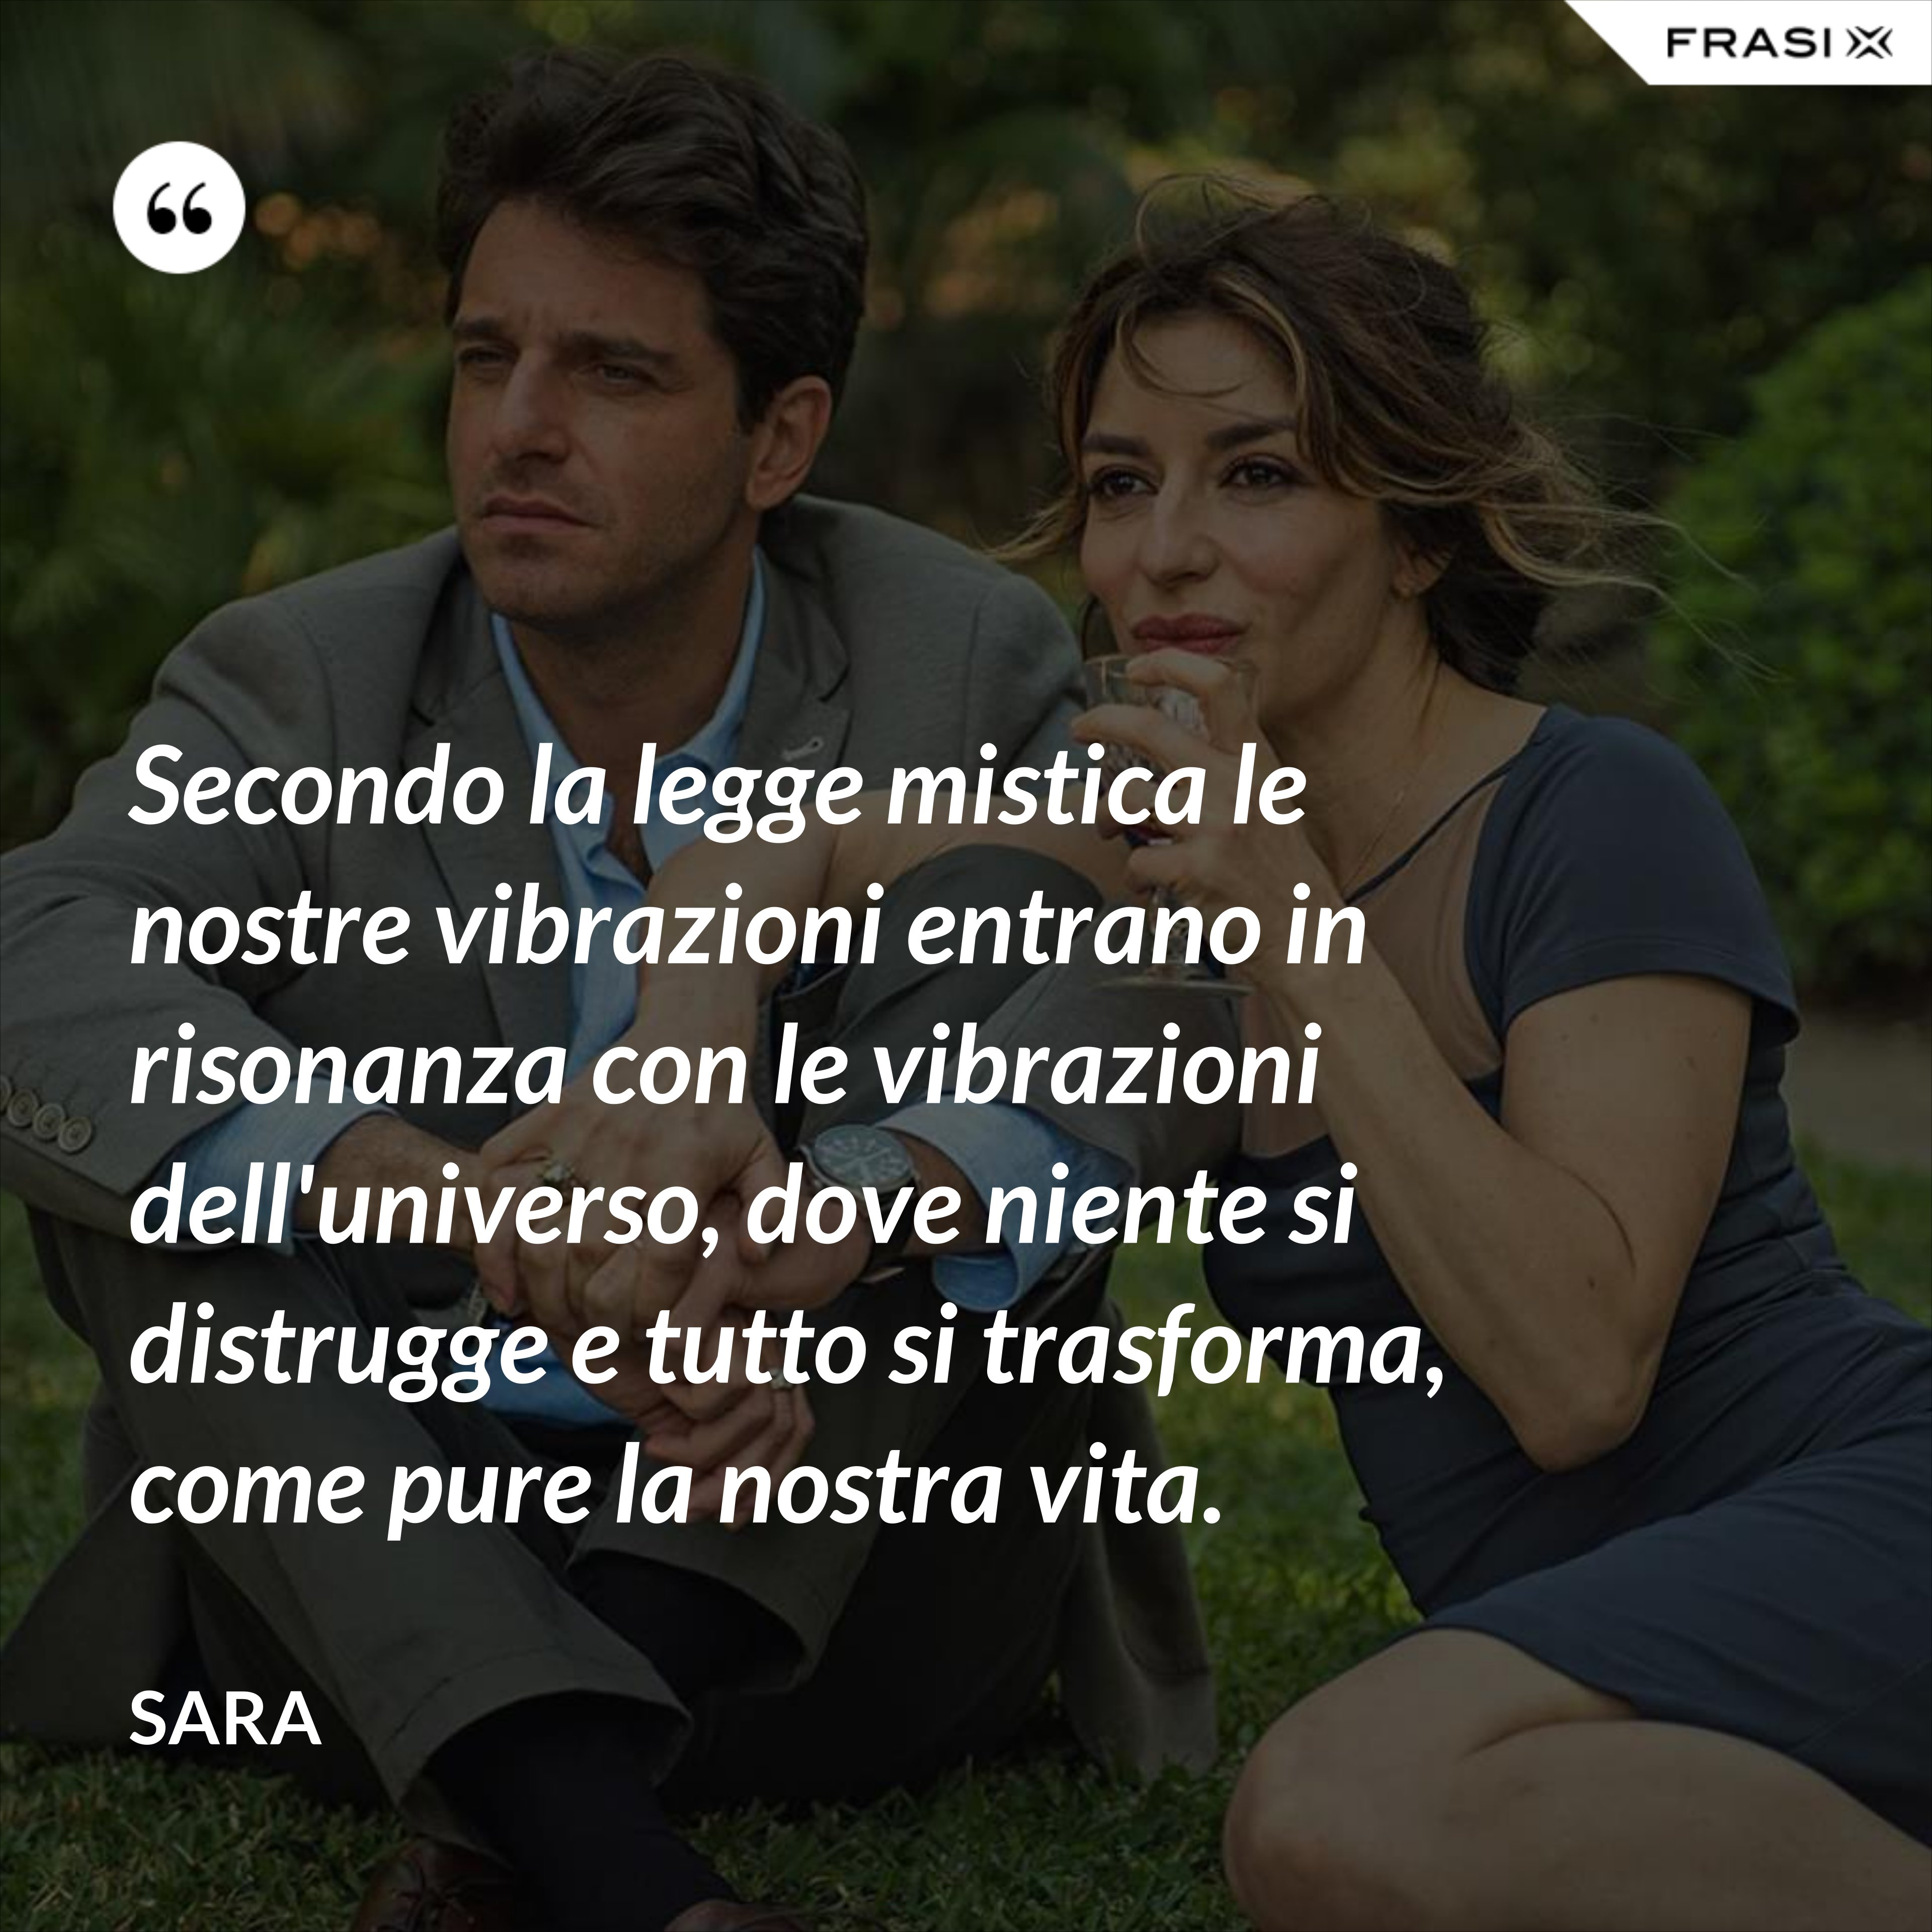 Secondo la legge mistica le nostre vibrazioni entrano in risonanza con le vibrazioni dell'universo, dove niente si distrugge e tutto si trasforma, come pure la nostra vita. - Sara